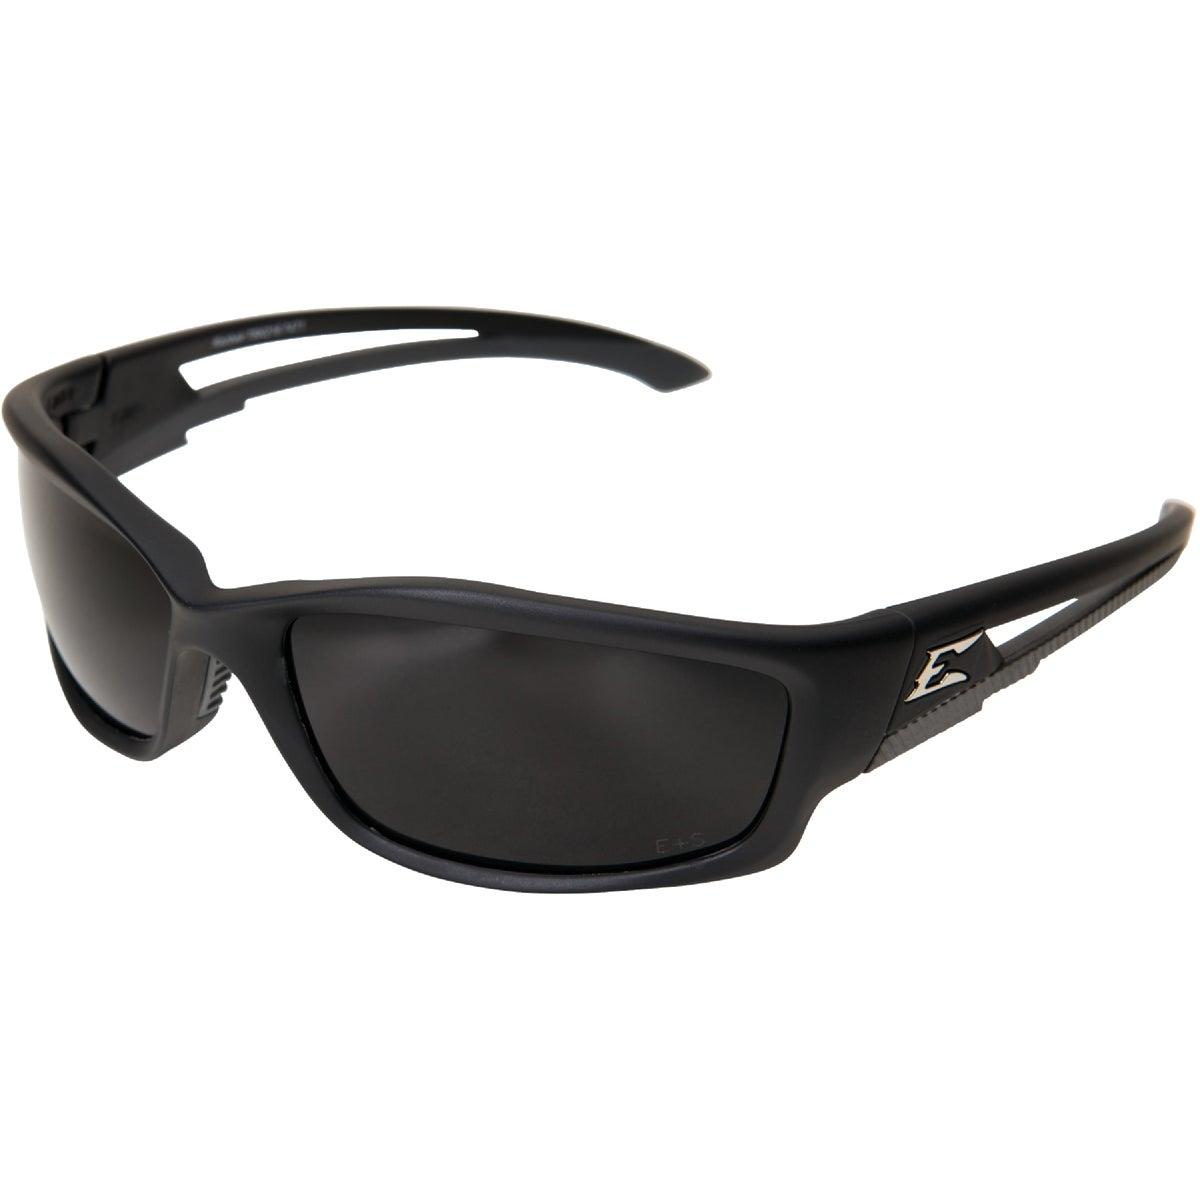 KAZBEK POL BLK/SMK LENS - TSK216 by Edge Eyewear